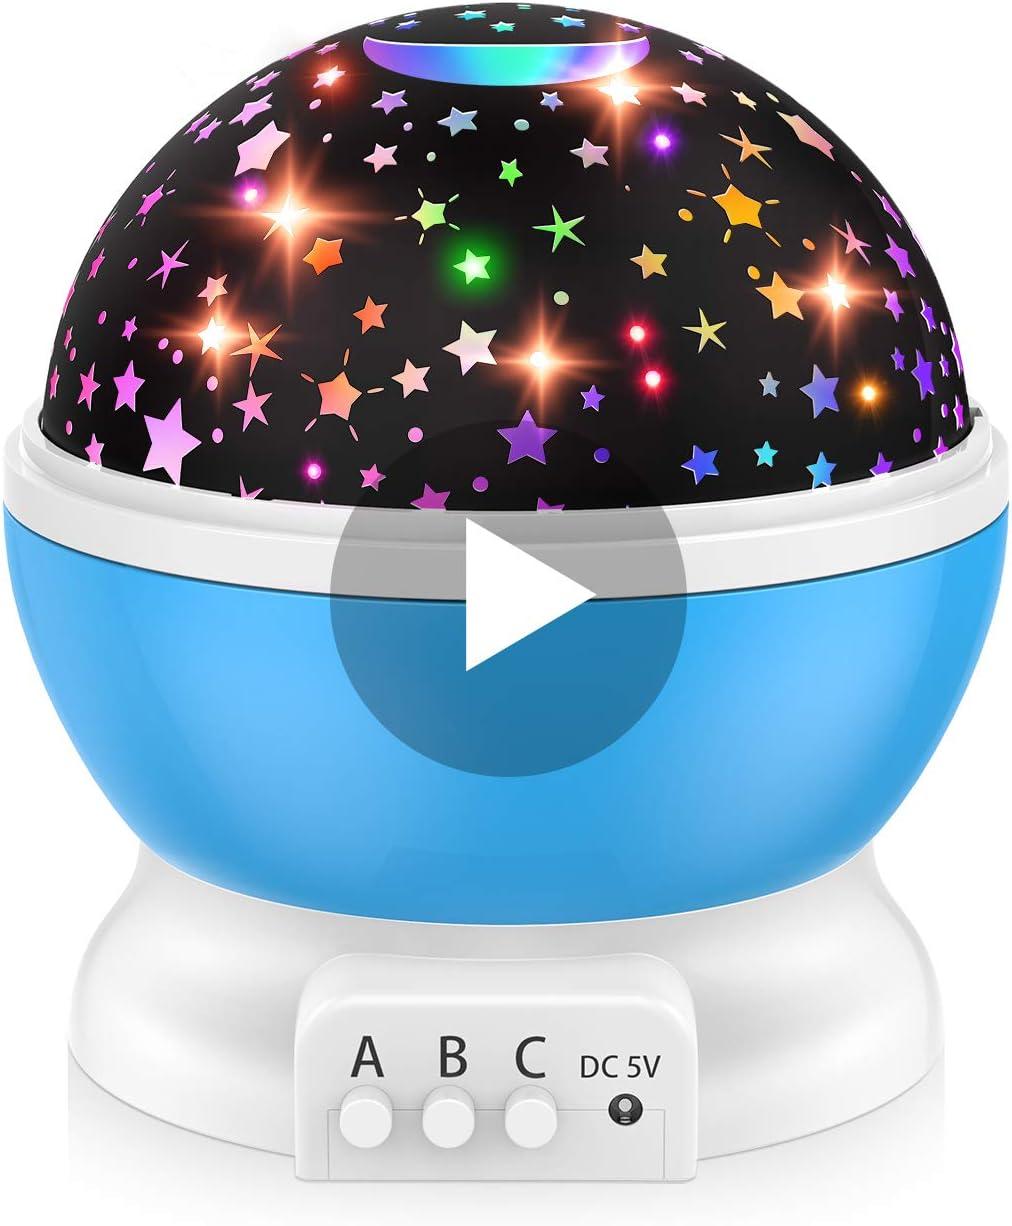 Dreamingbox Proyector Estrellas Bebe Lampara Infantil - Regalos & Juguetes Giratorio de 360 Grados Tres Modos